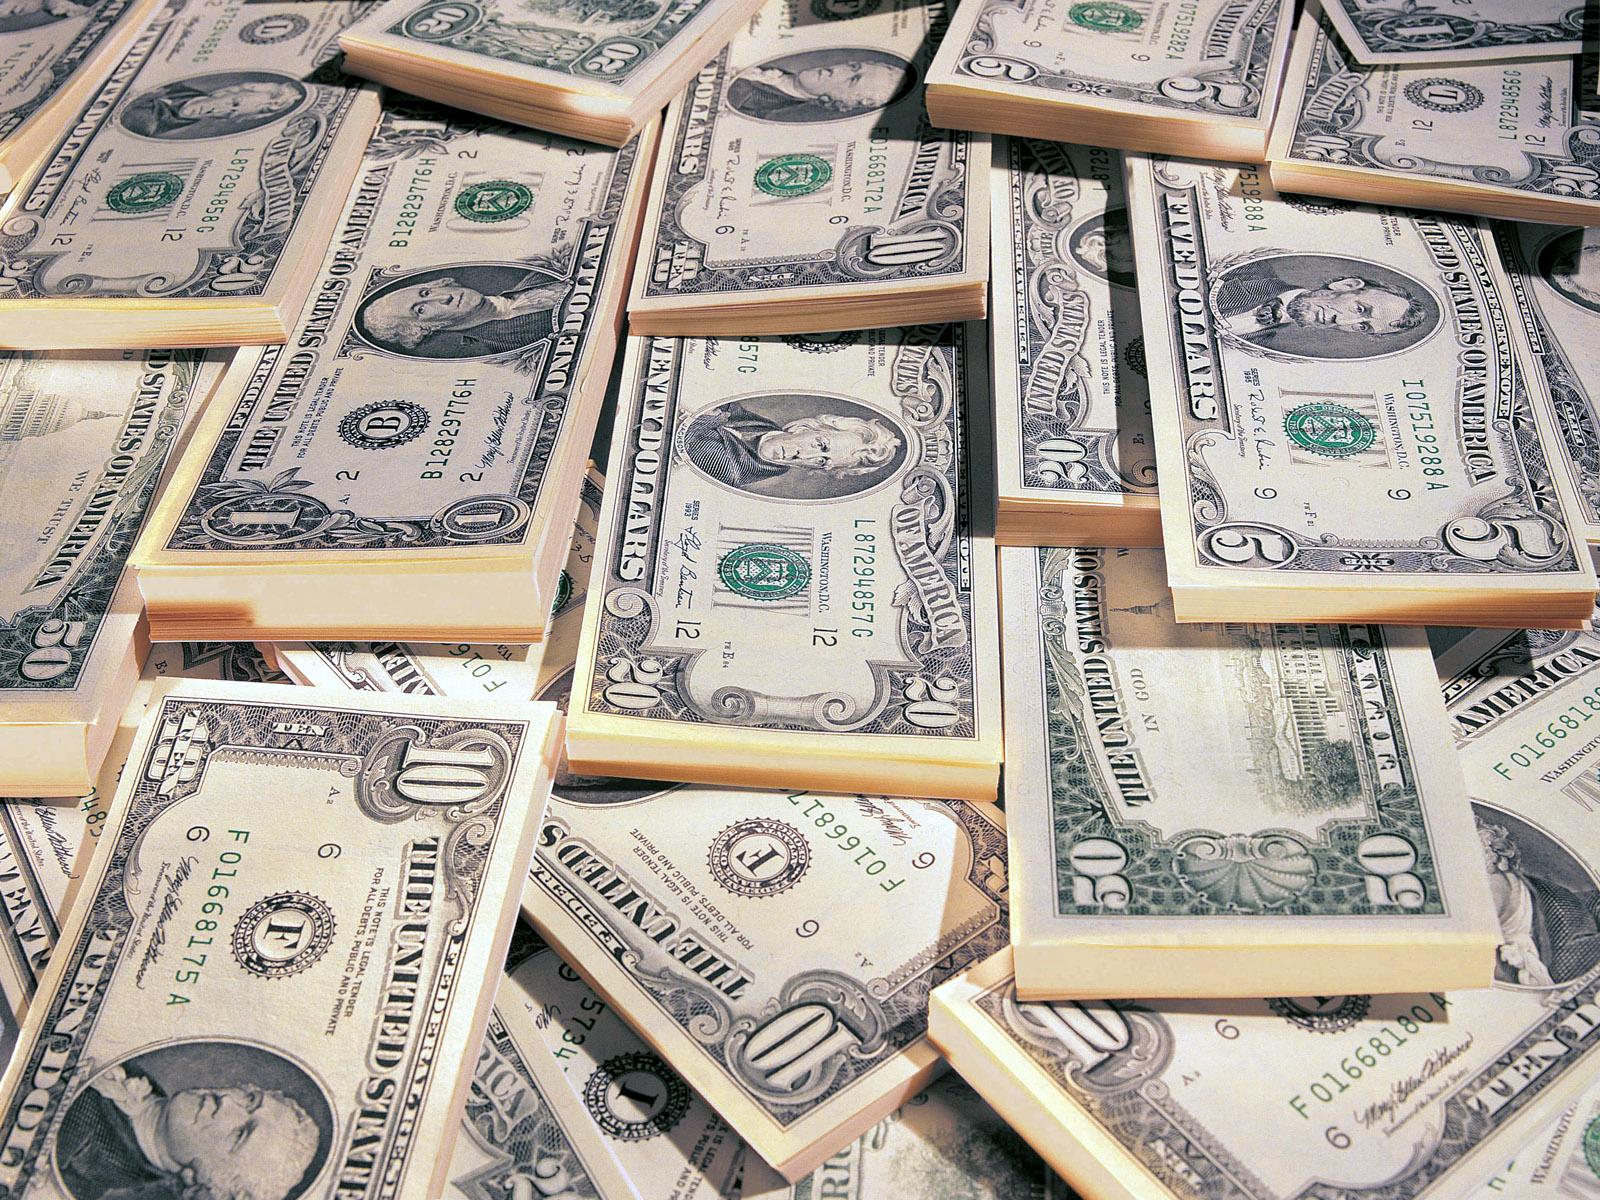 http://3.bp.blogspot.com/-a3LvaoPJLiM/UDRTNjt58QI/AAAAAAAADbA/wH1QAqdBtOU/s1600/money_wallpaper_by_samuelcool8-d57dmyd.jpg